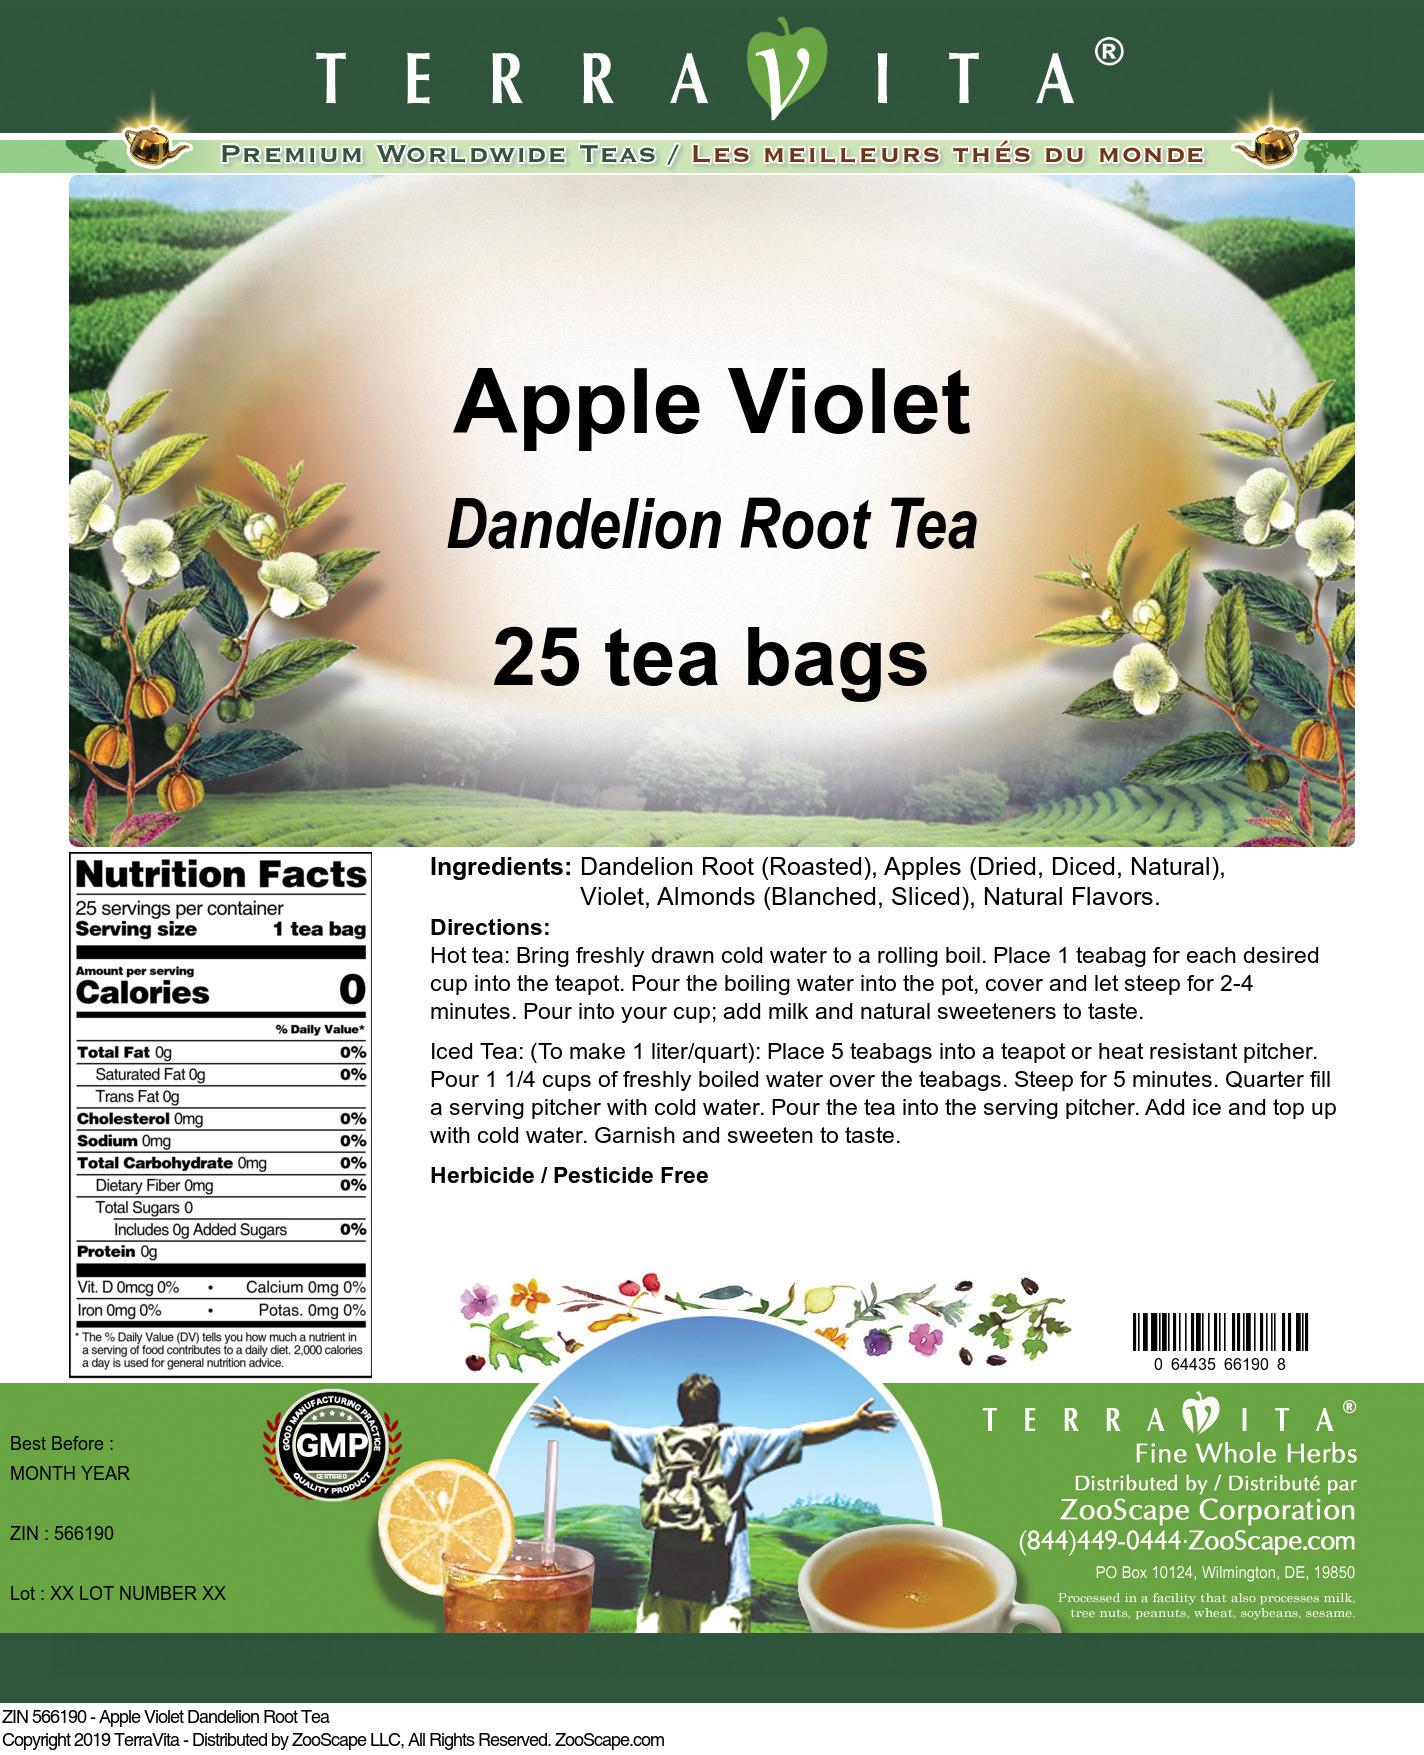 Apple Violet Dandelion Root